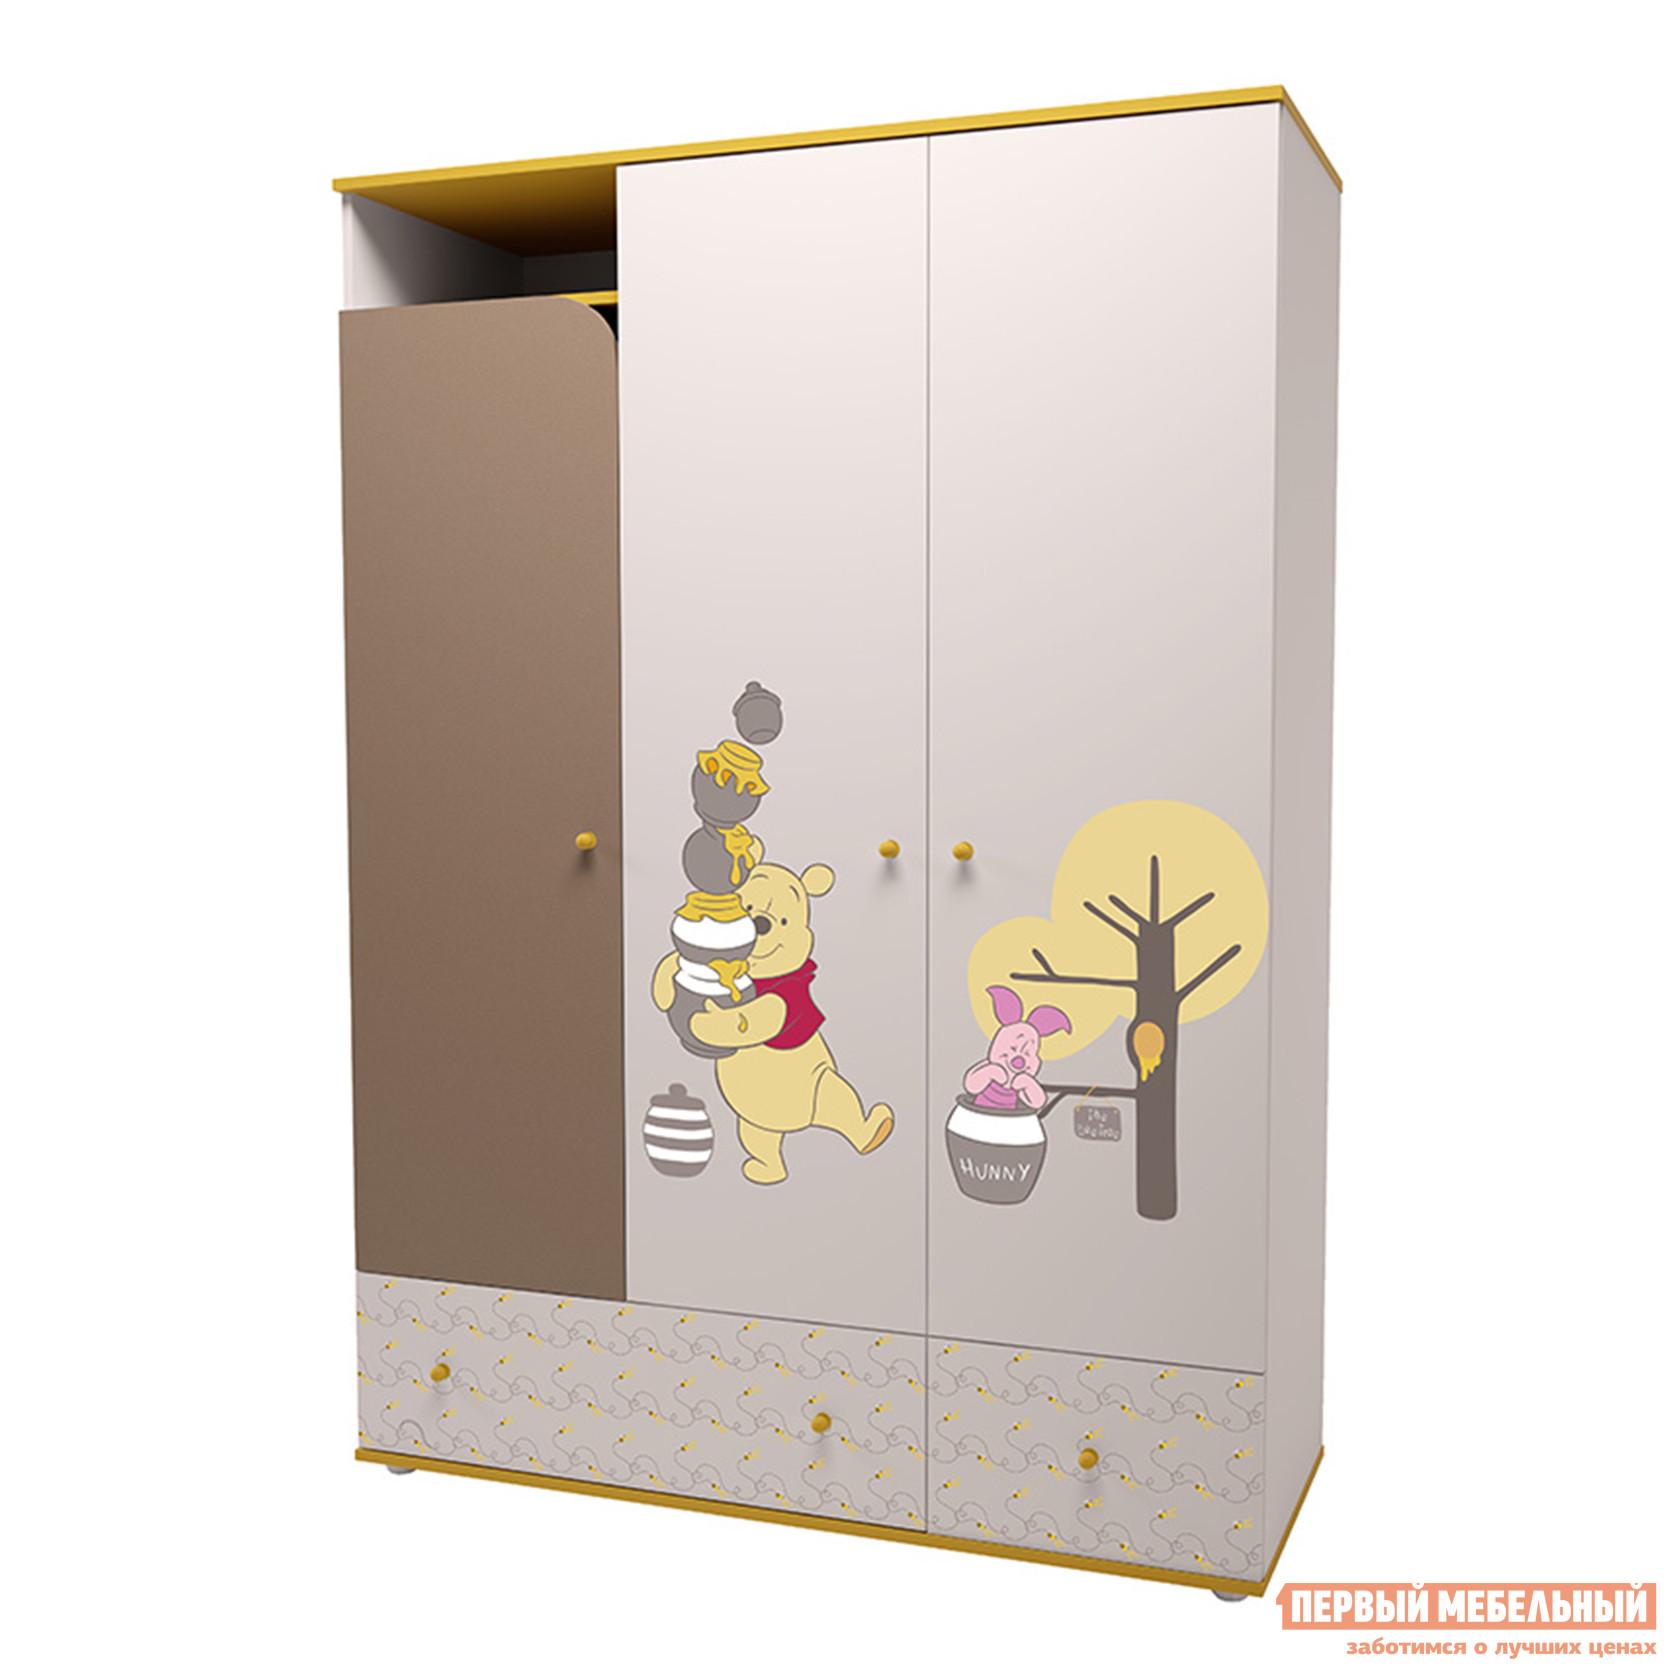 Шкаф детский ВПК Шкаф трехсекционный Polini kids Disney baby